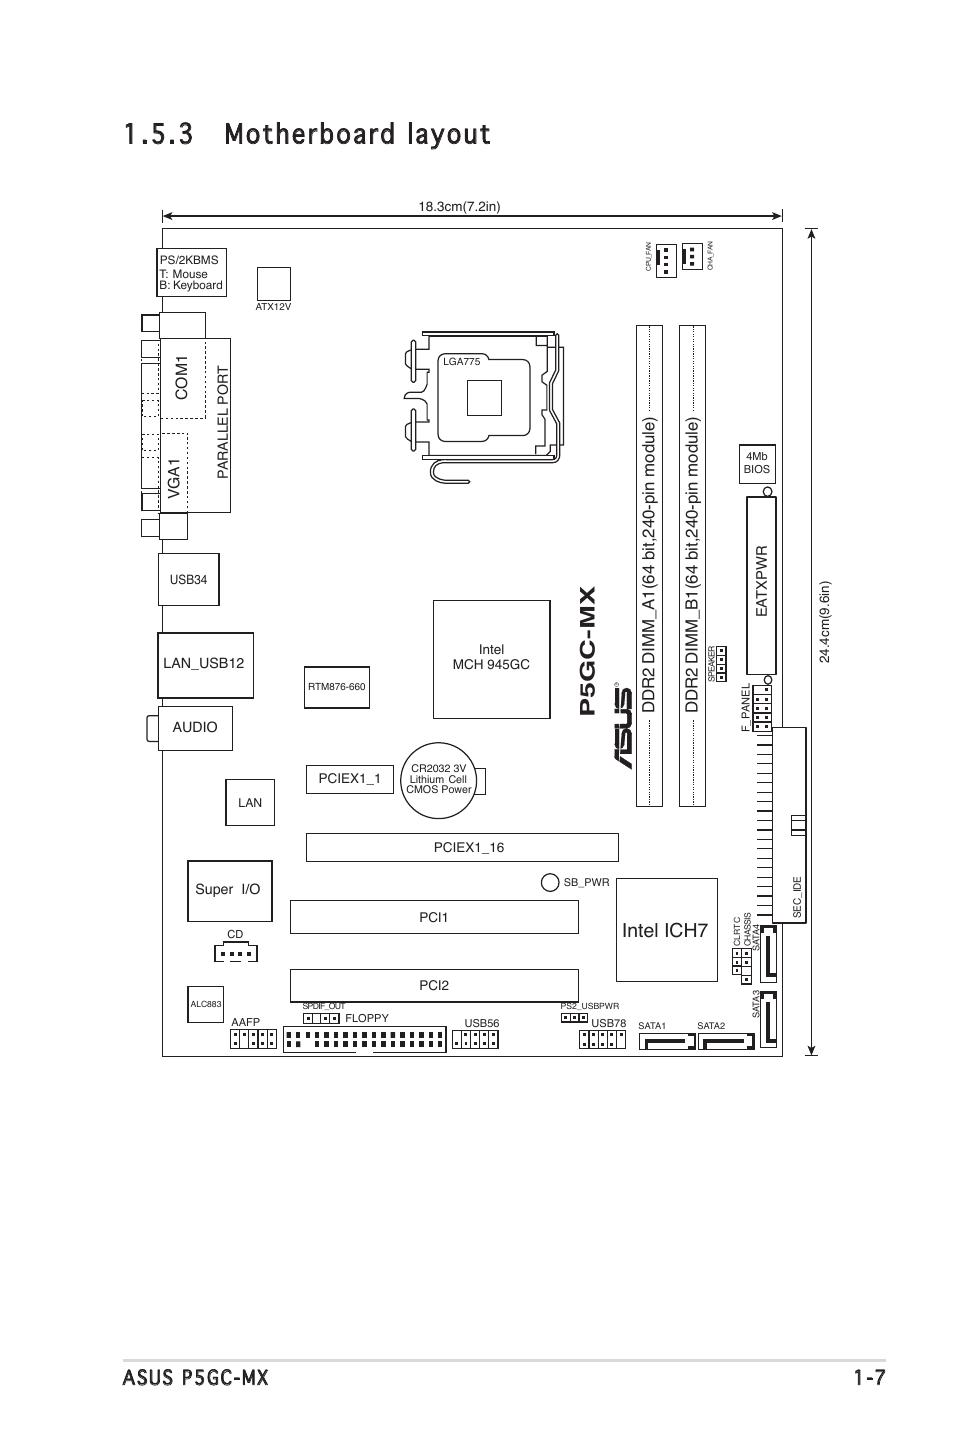 Asus Eee Pc P901 Schematic Asus Eeepc P901 Circuit Diagram